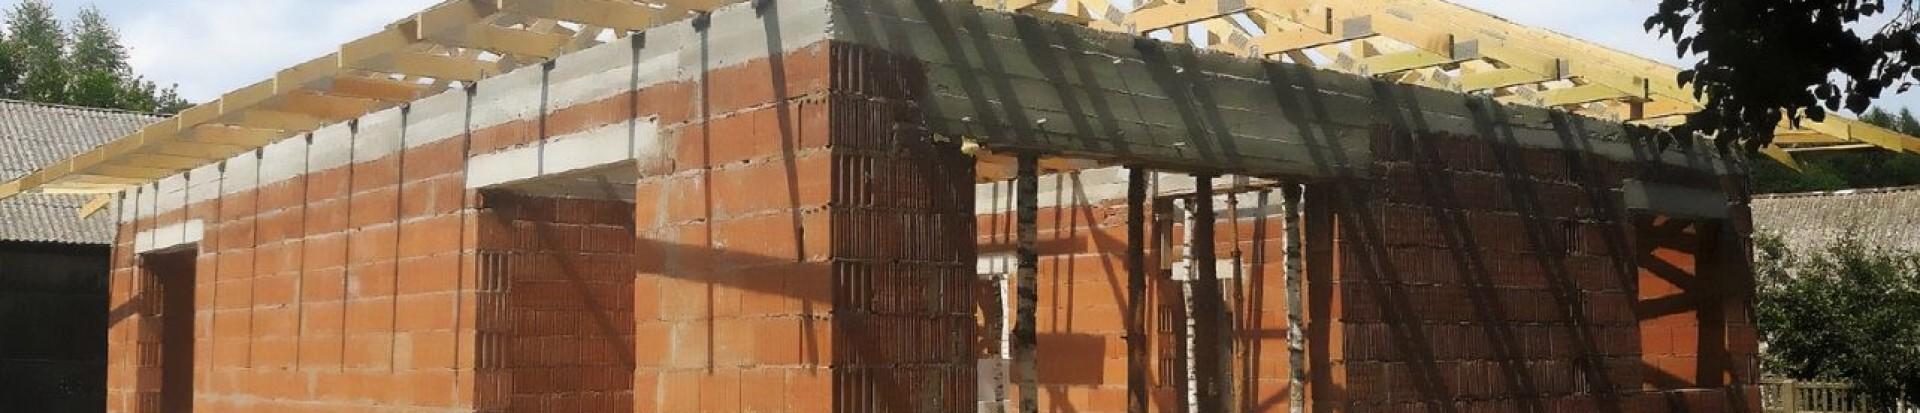 Wiązarowy dach prefabrykowany domu jednorodzinnego - Żądłowice